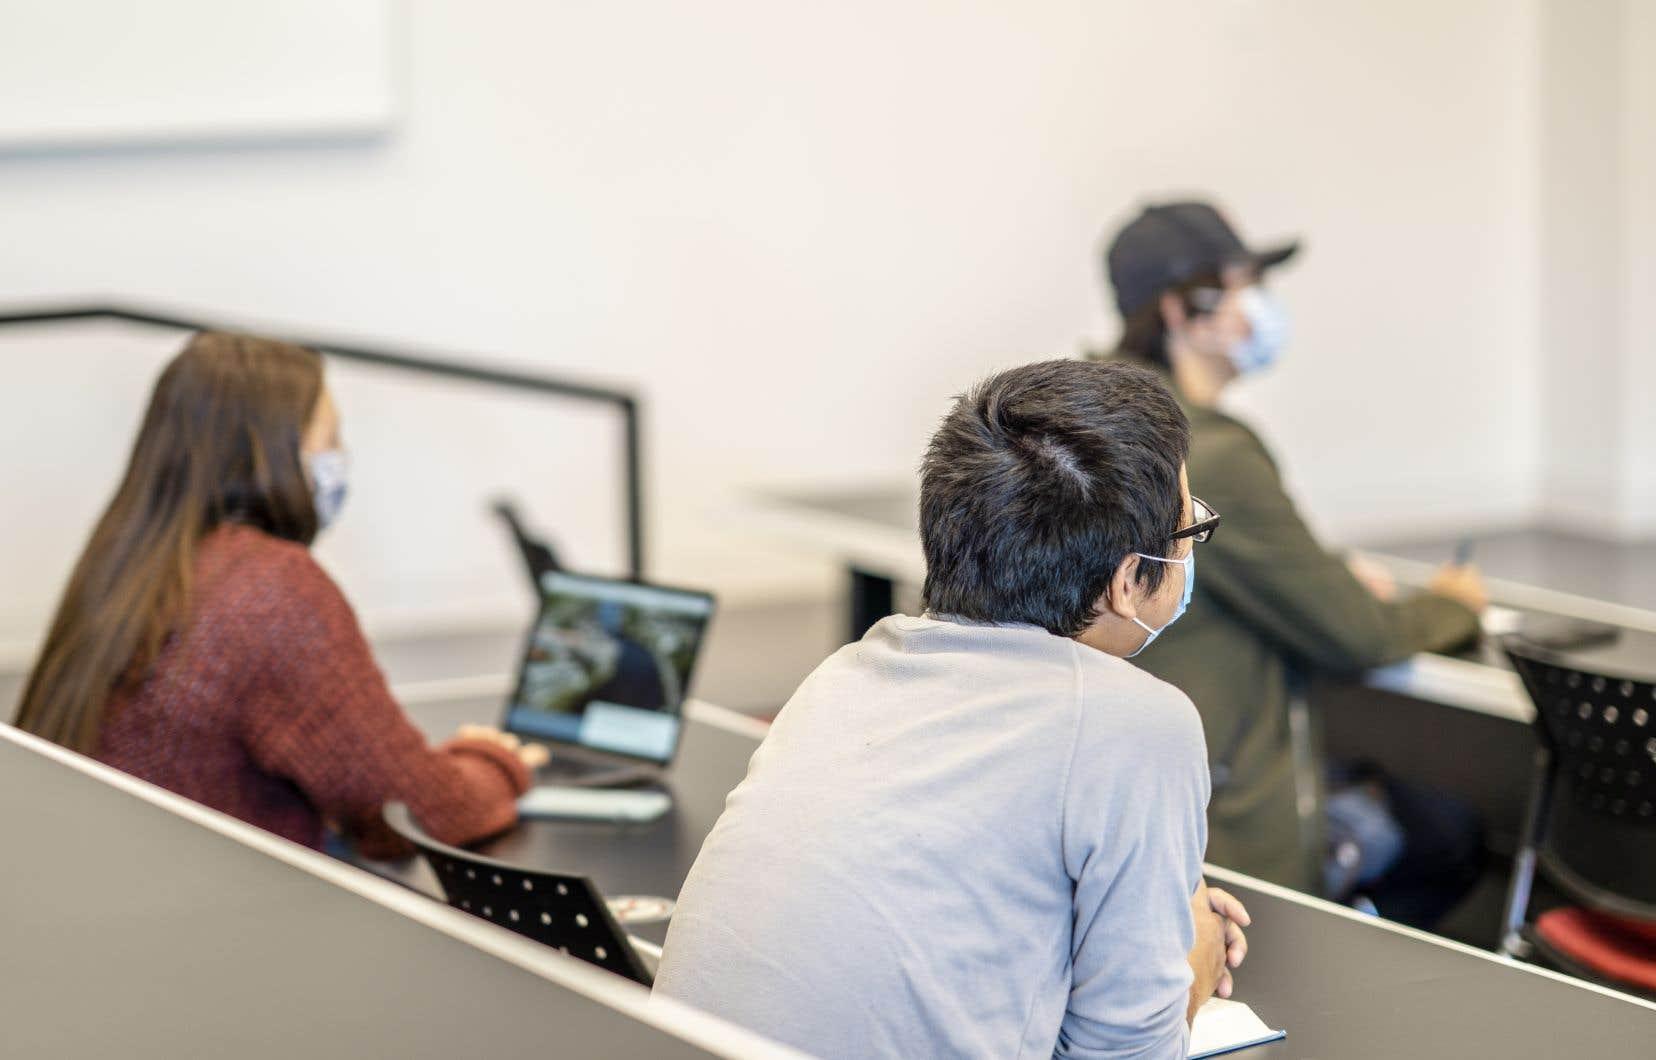 Environ 75% des étudiants de la première cohorte de l'Université ne seront pas Ontariens.